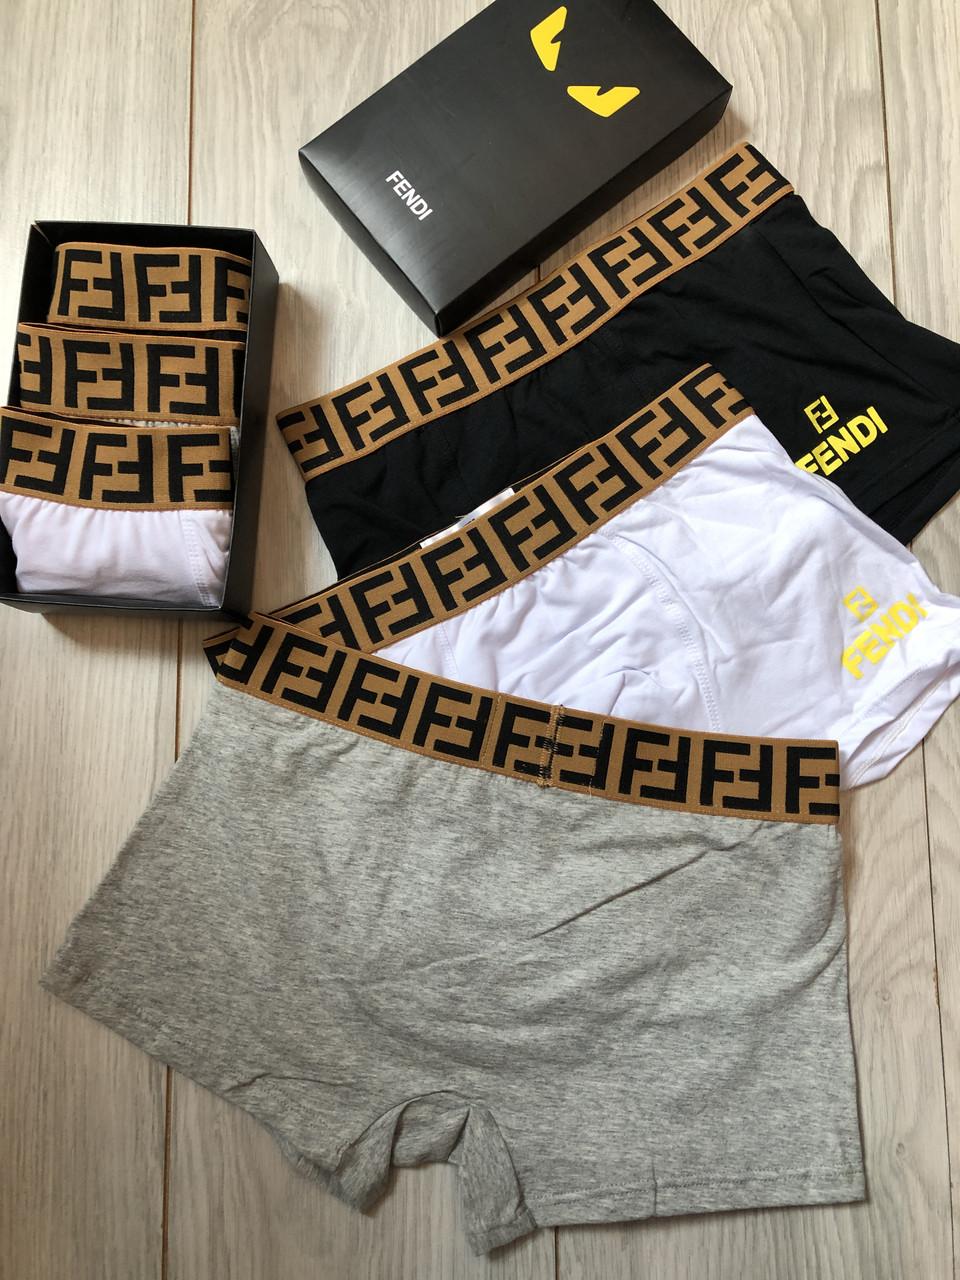 Мужские трусы FENDI комплект брендовых мужских трусов премиум копия реплика